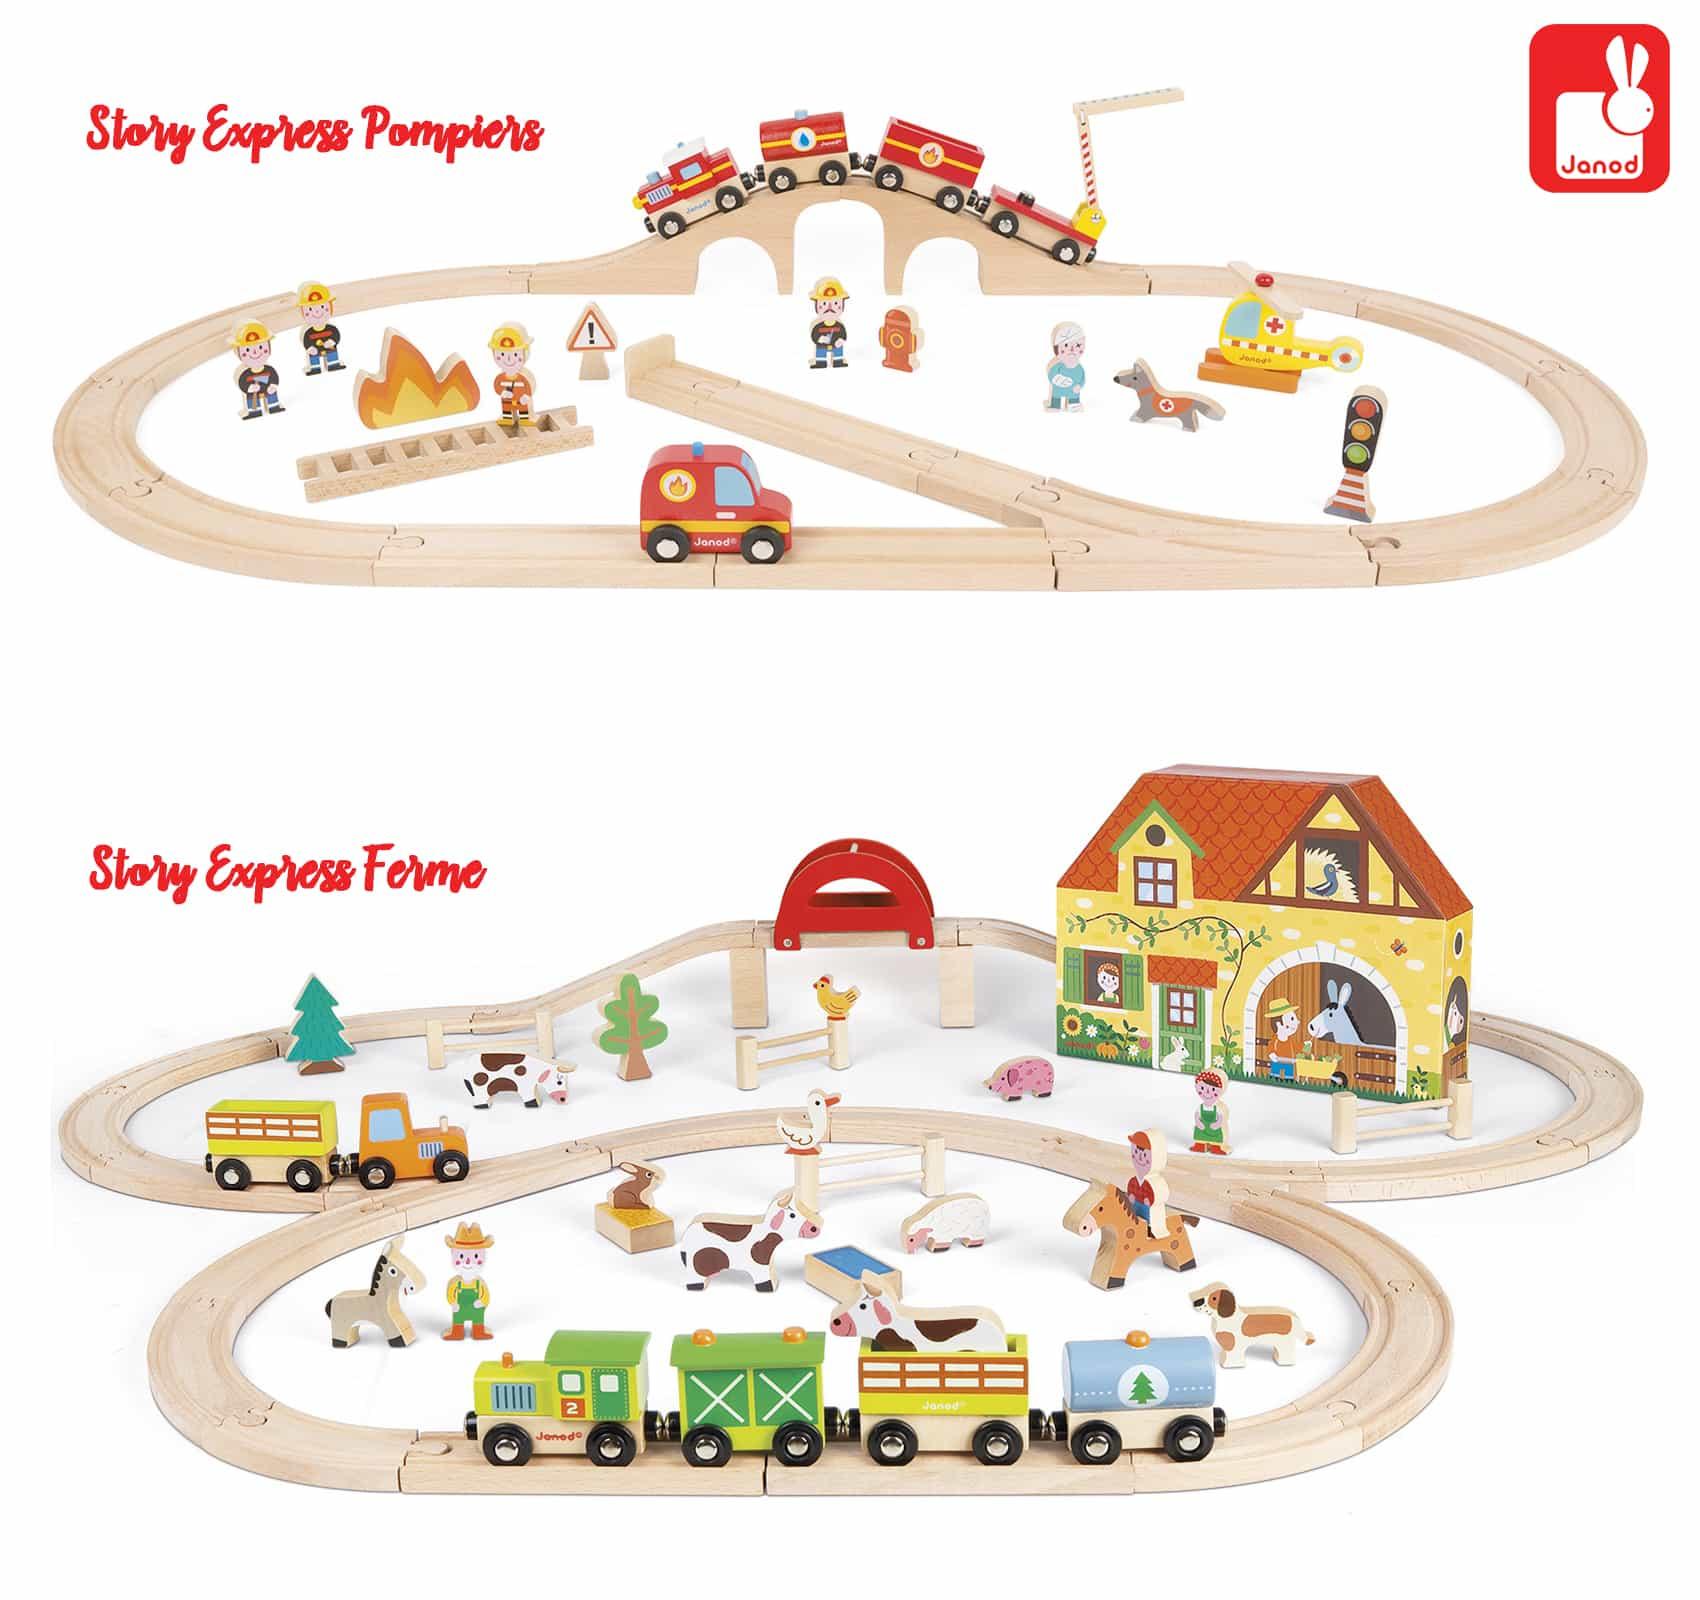 Jouet en bois : le circuit de train Story Express de Janod : un circuit à gagner - Jeu concours - Blog maman